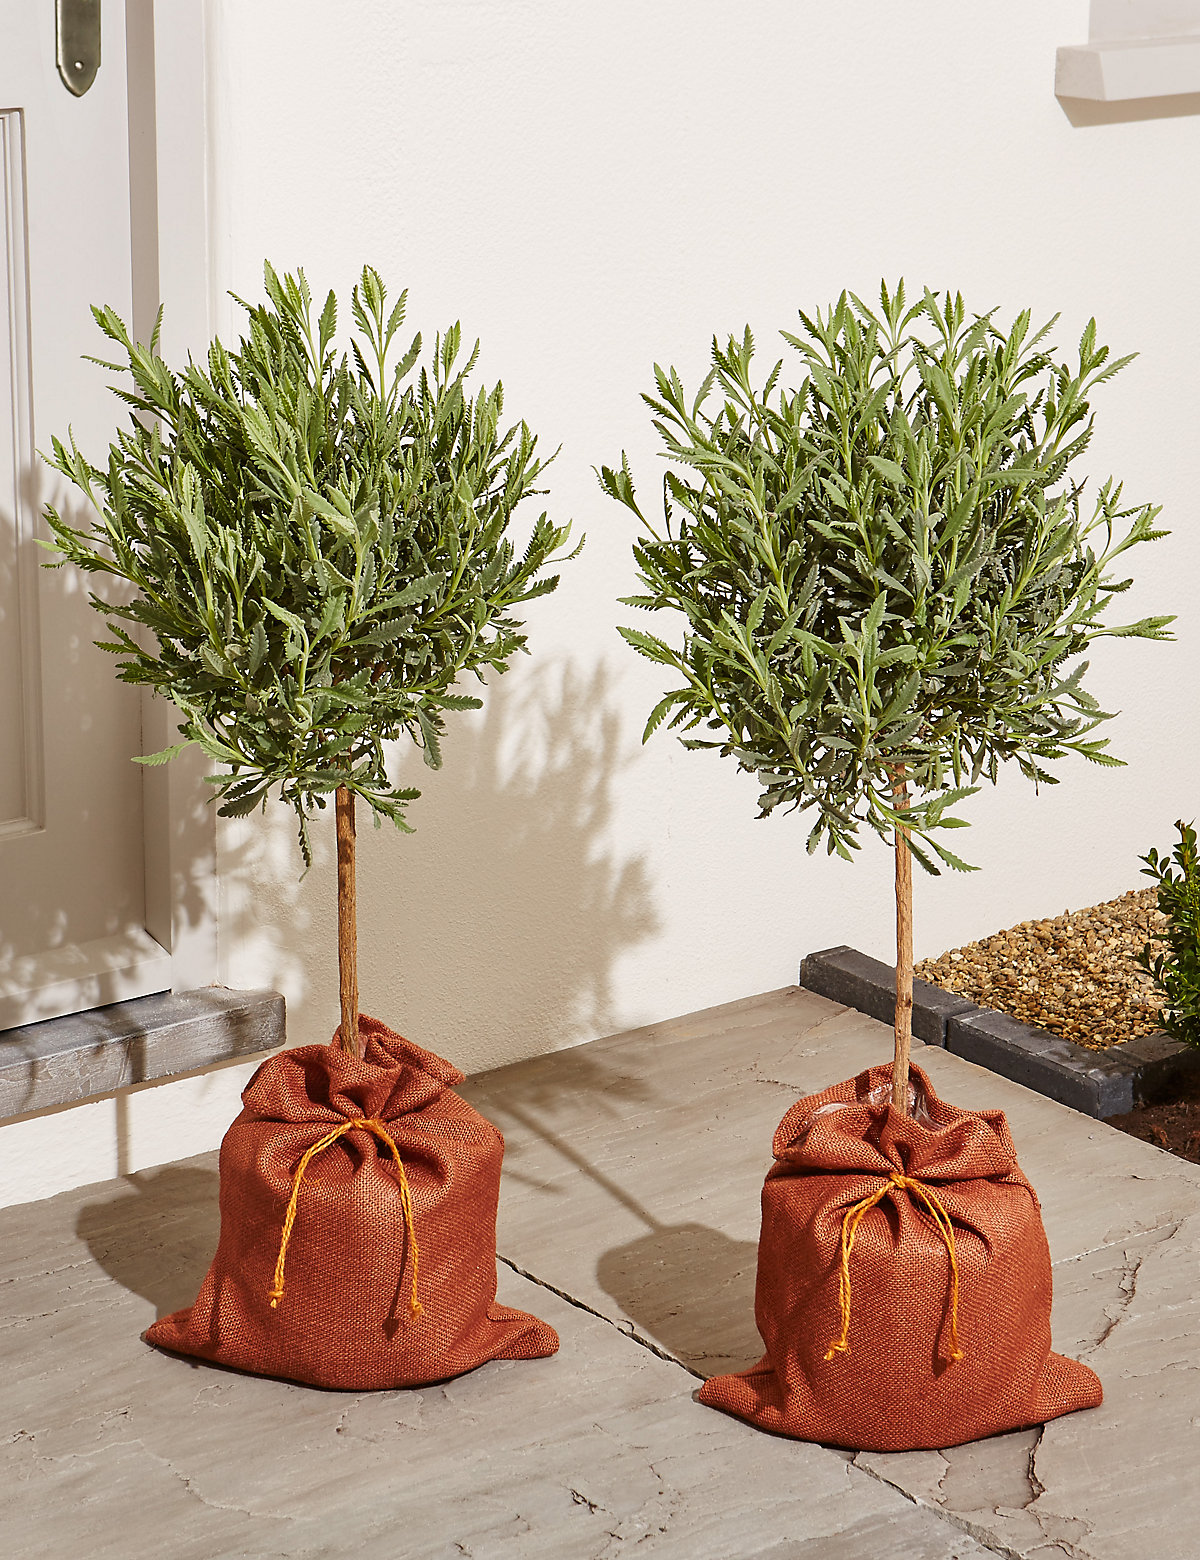 Pair of Standard Lavender Trees